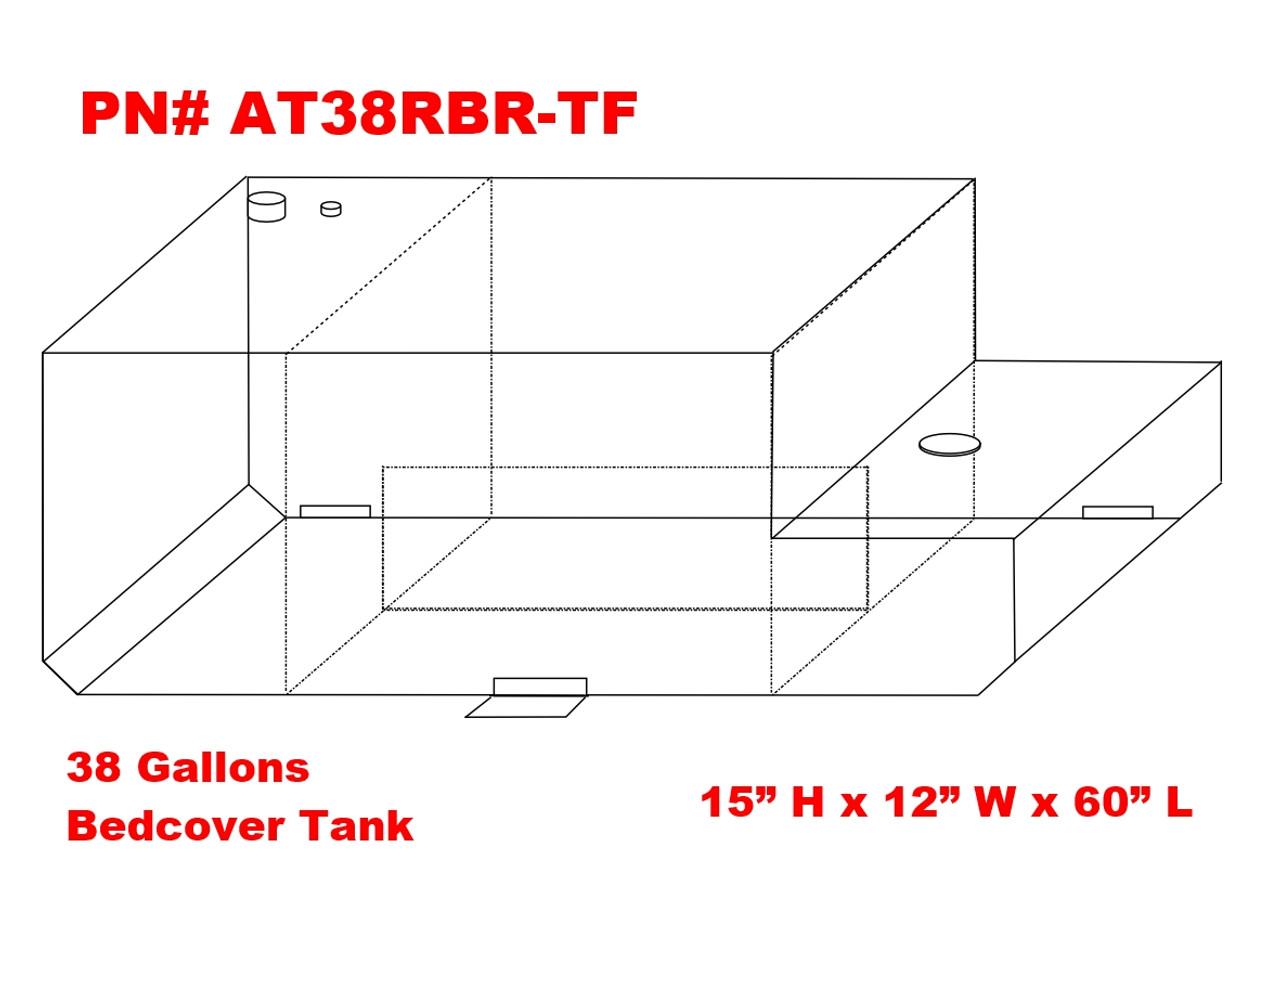 at38rbr tf dot legal transfer tank pn at38rbr tf 38 gallon [ 1181 x 912 Pixel ]